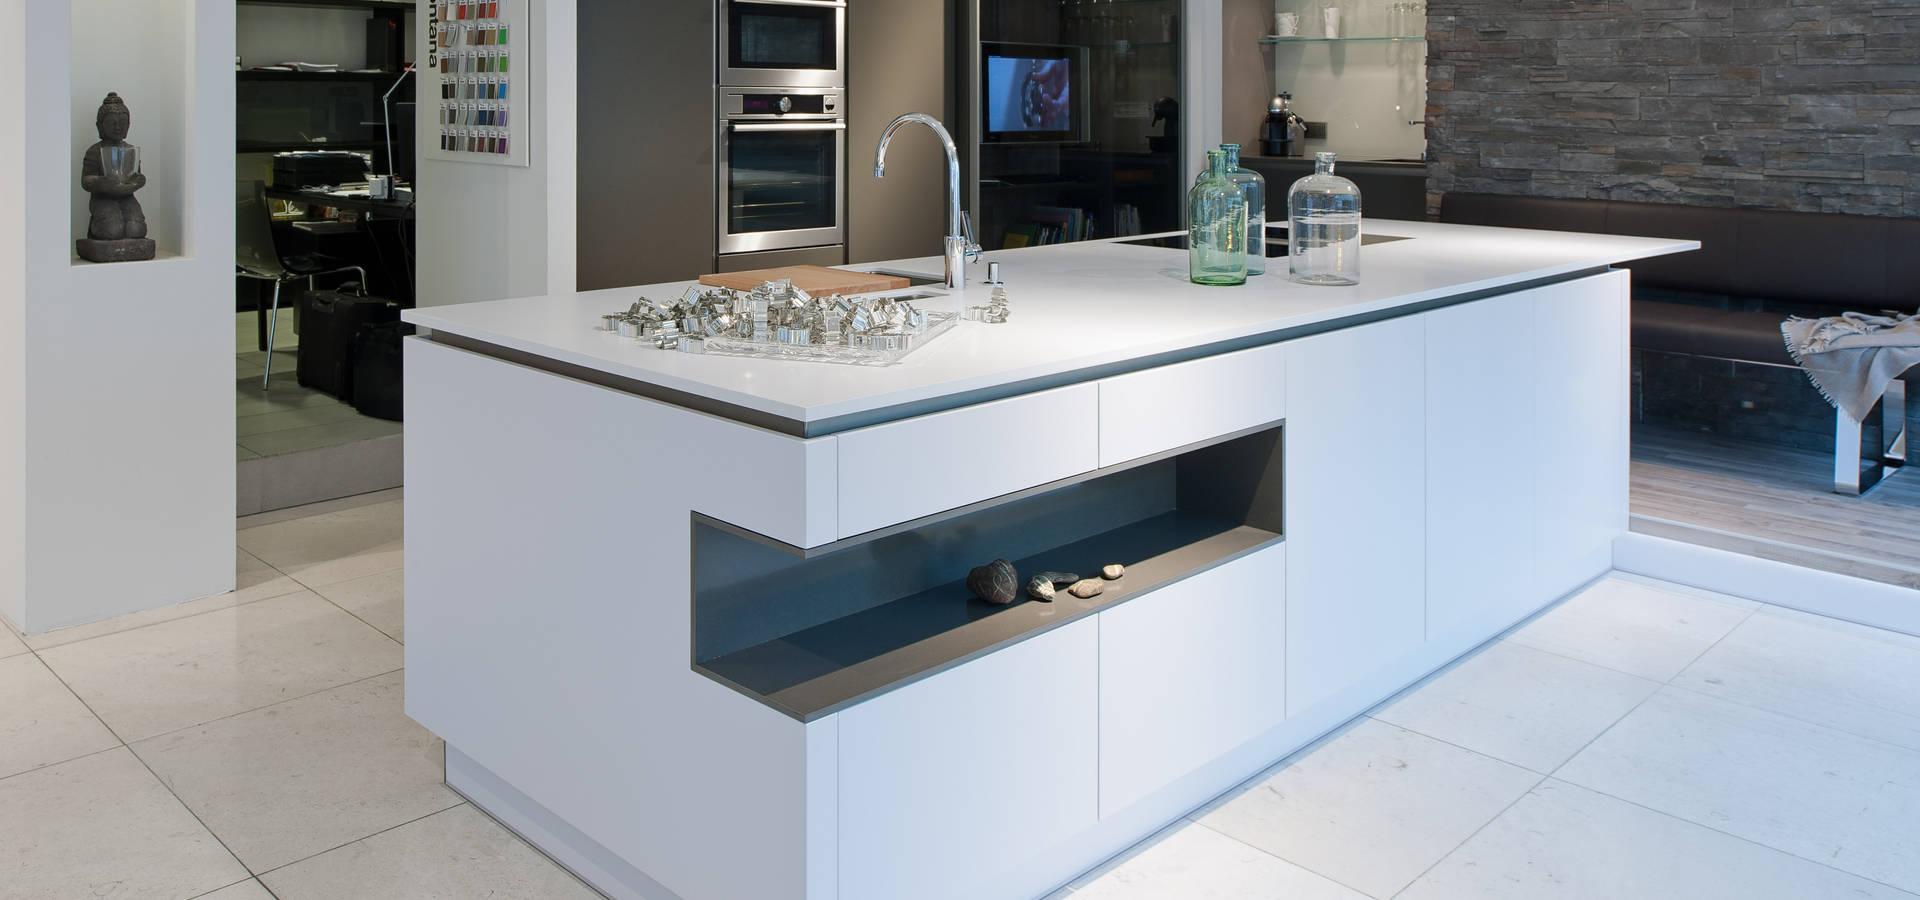 H&H Wintner Design & Wohnen: Küche in unserem Showroom | homify | {Design einbauküche 11}